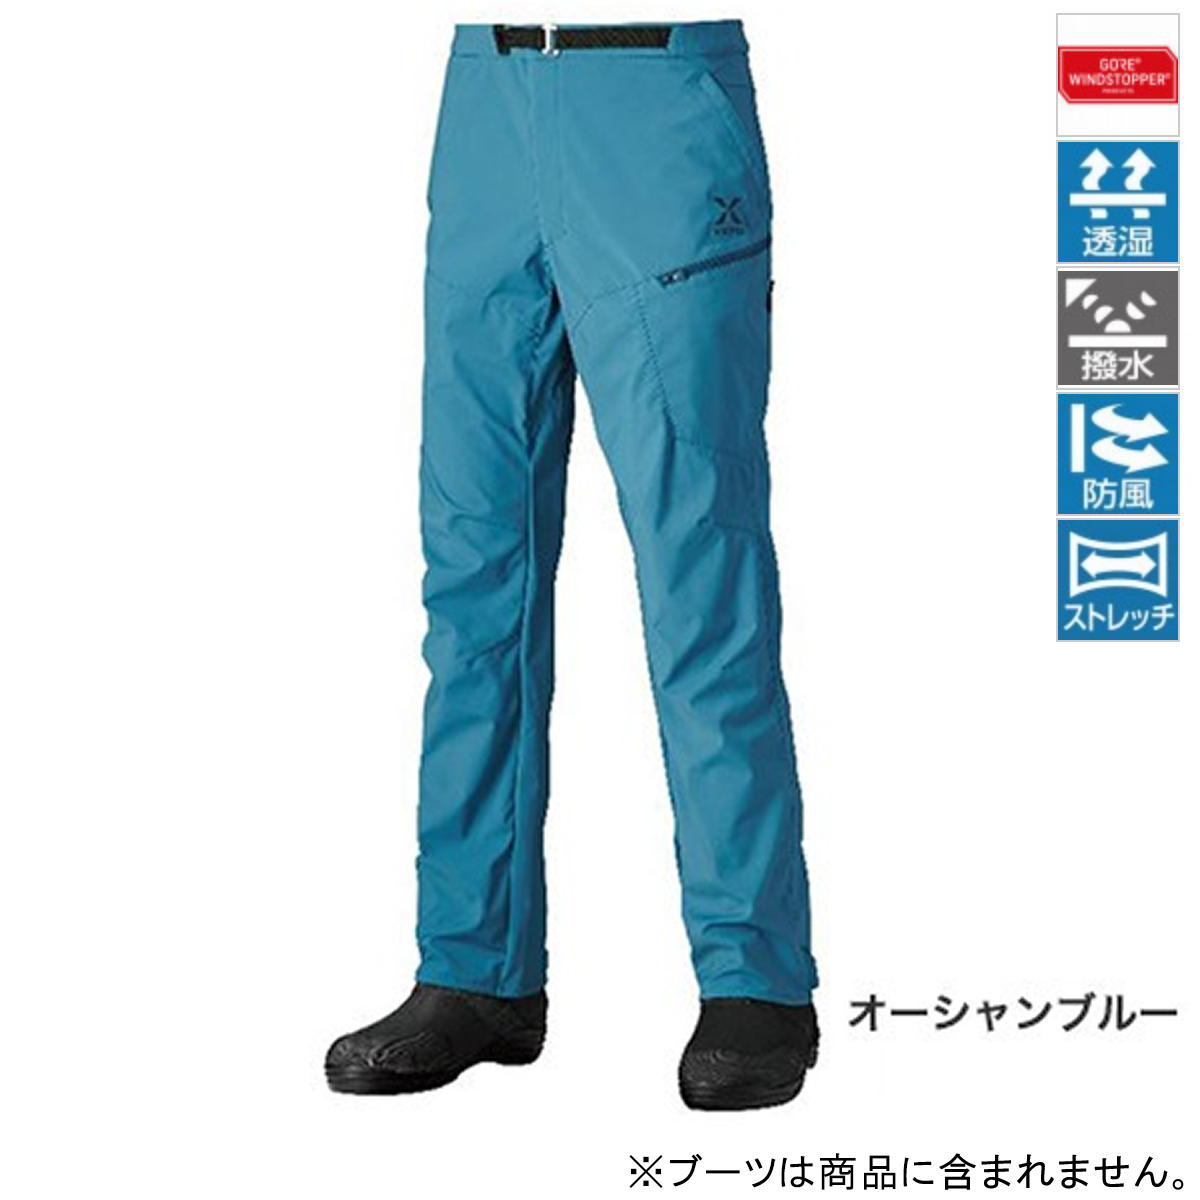 シマノ XEFO GORE WINDSTOPPER ボトム PA-241R L オーシャンブルー(東日本店)